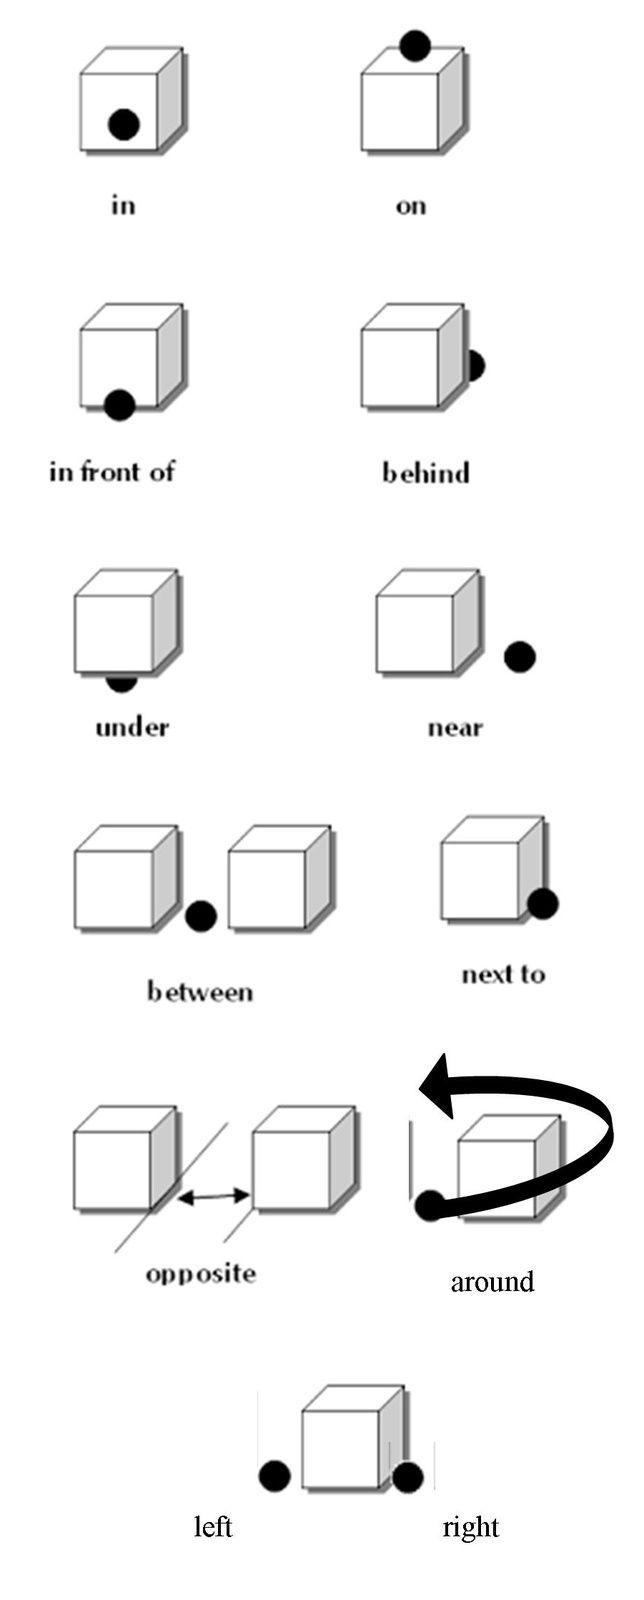 préposition de positionnement